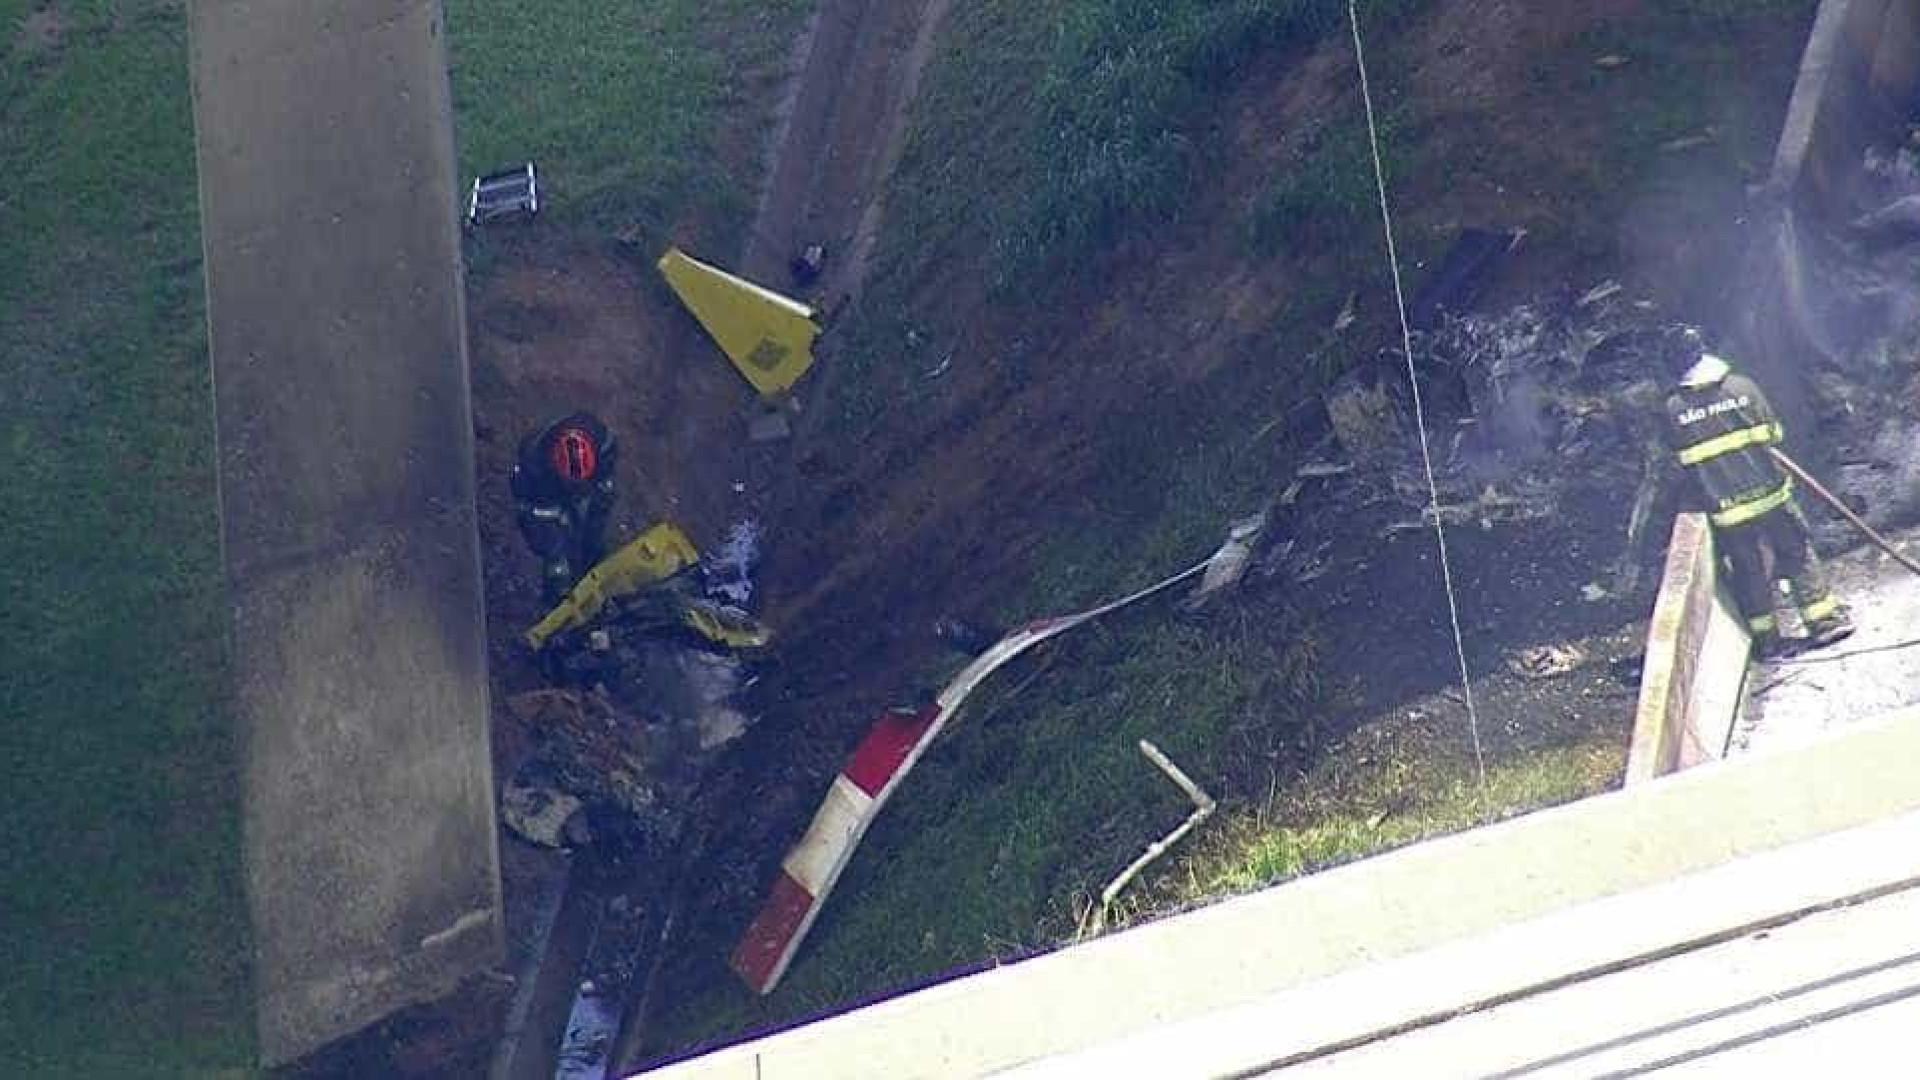 Helicóptero de Boechat teria tentado pousar, diz testemunha